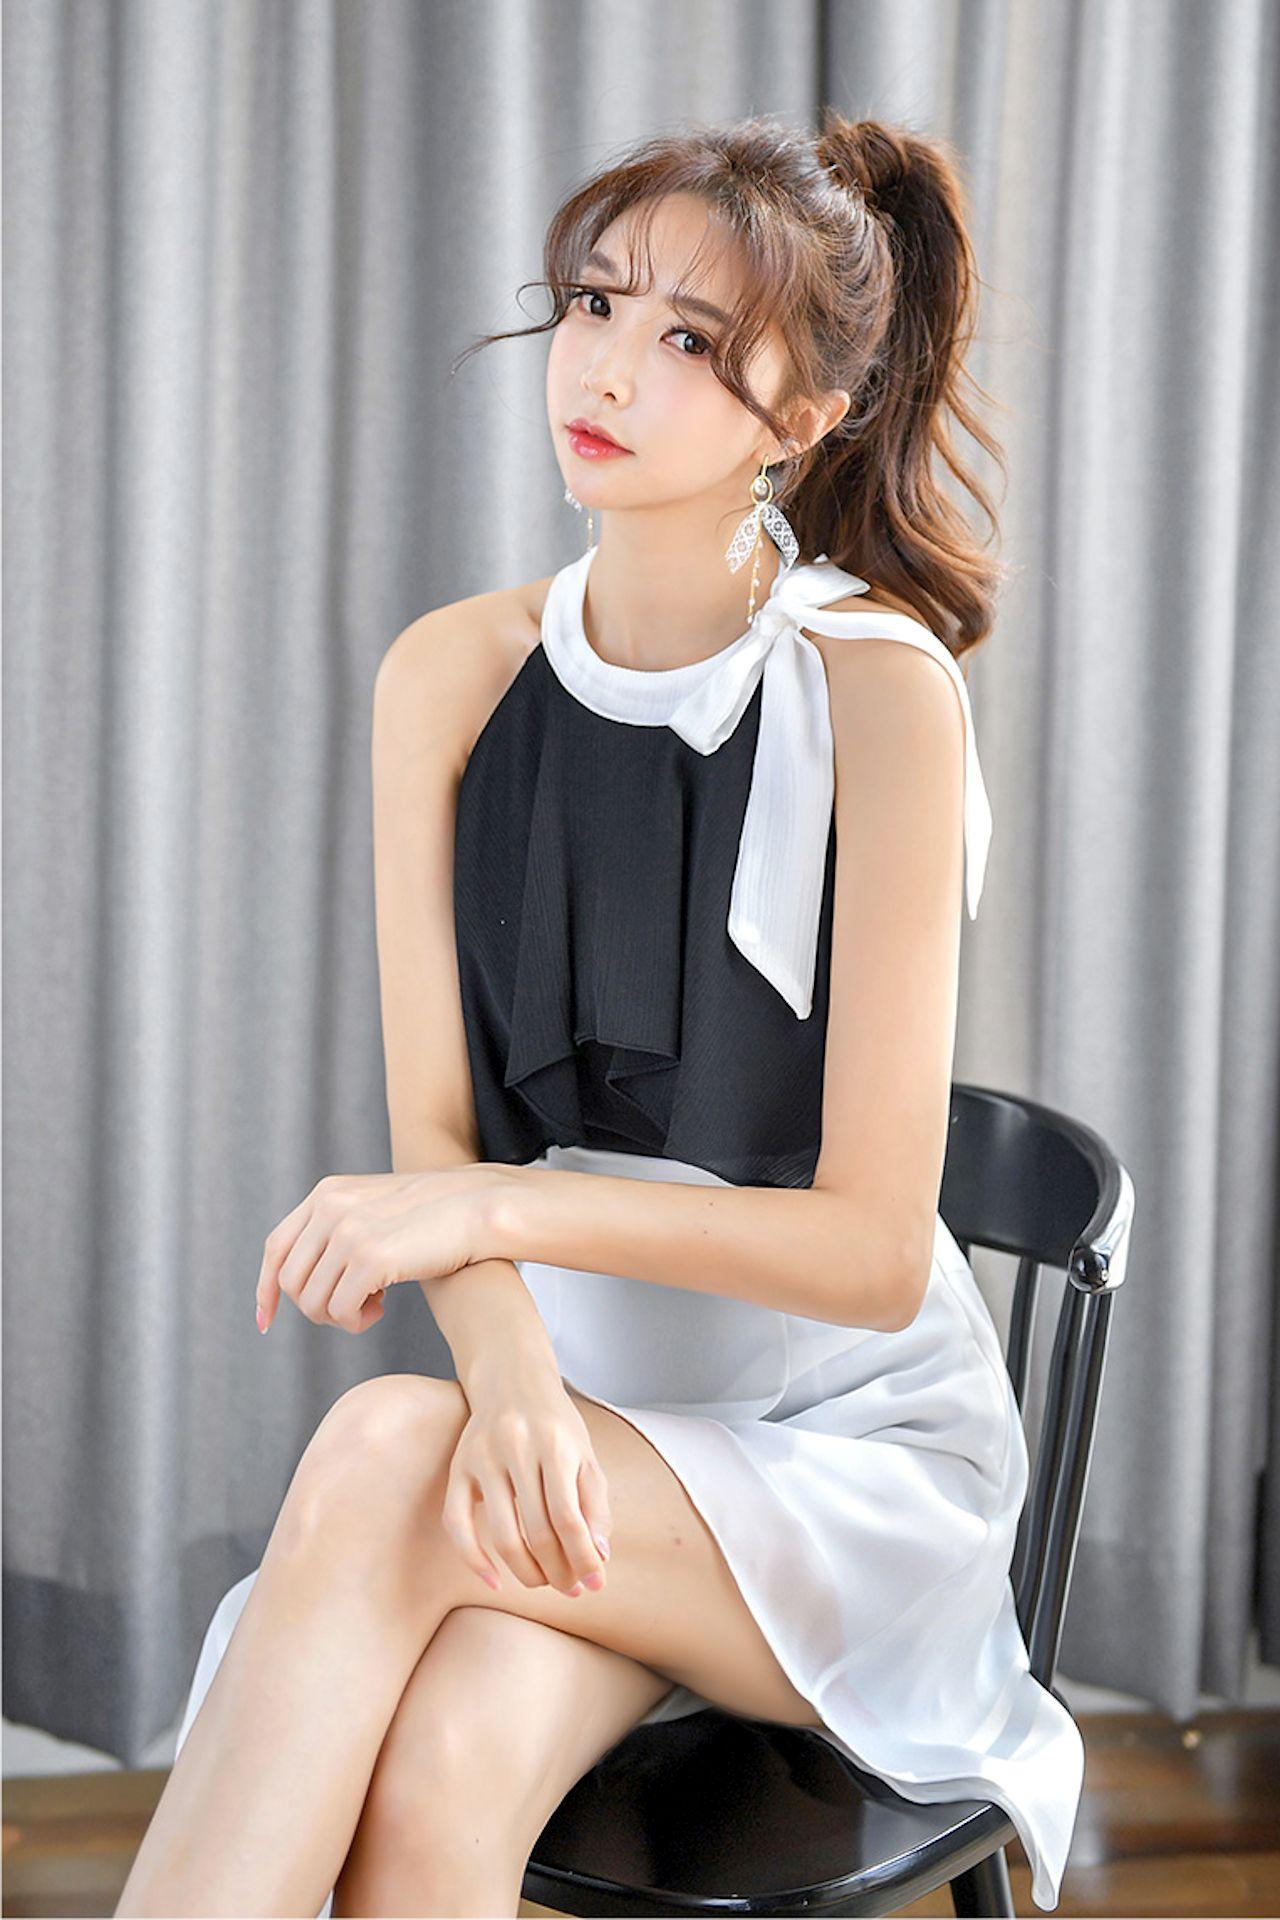 soumy1902kmod: 박수연 (朴秀妍 - ParkSooYeon) 코코엠 16al248 (2/3)【2020